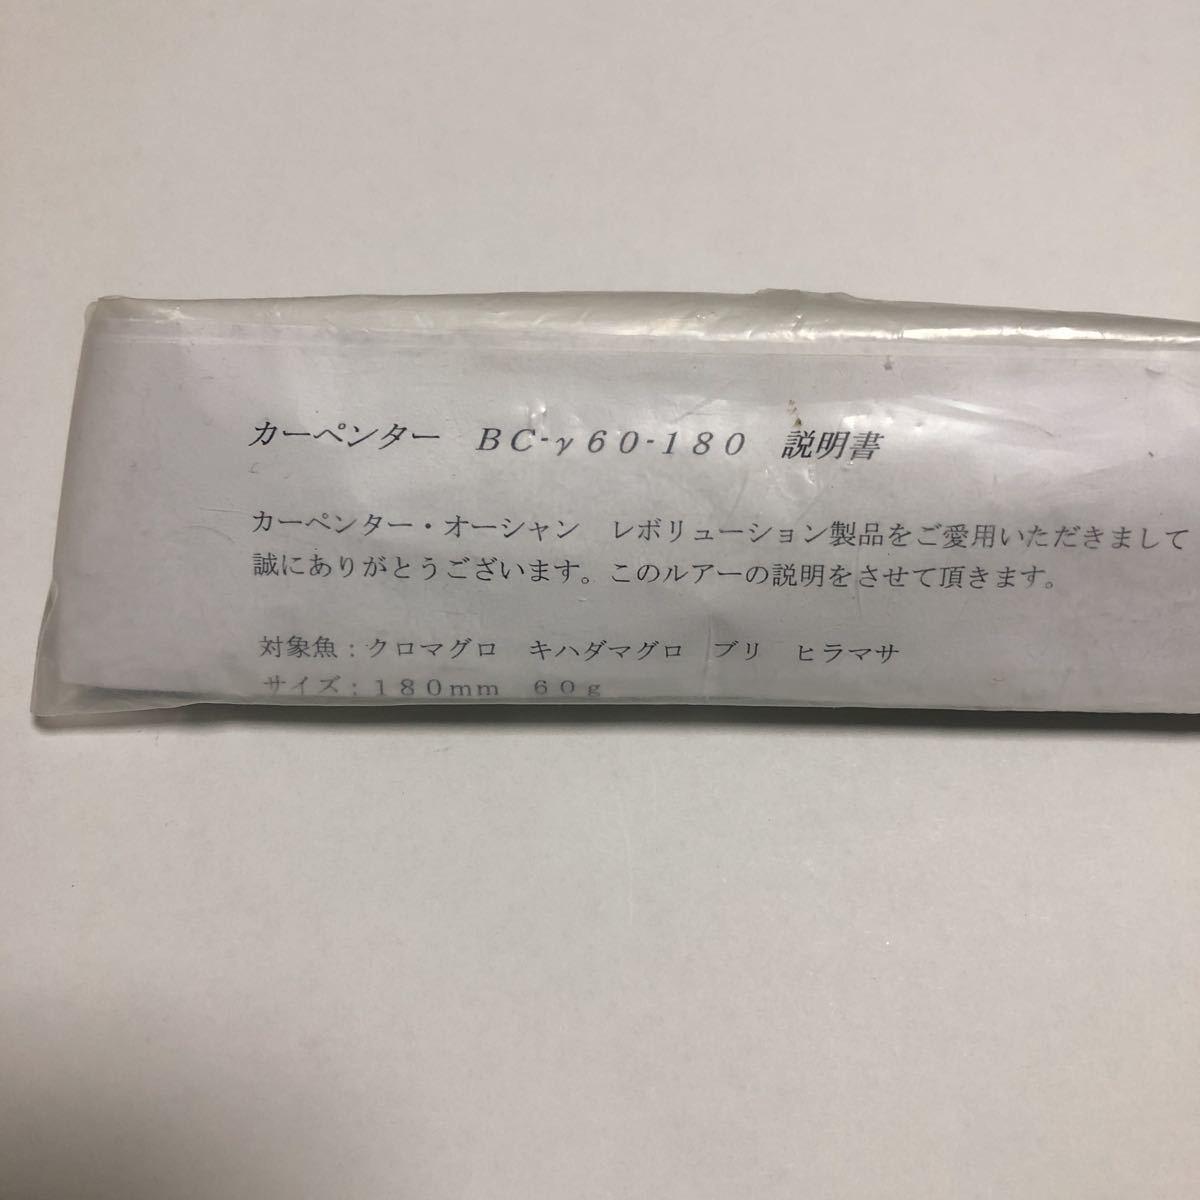 カーペンター BC-γ 60-180 ガンマ 希少 新品 ヒラマサ マグロ キャスティング 1スタ_画像3